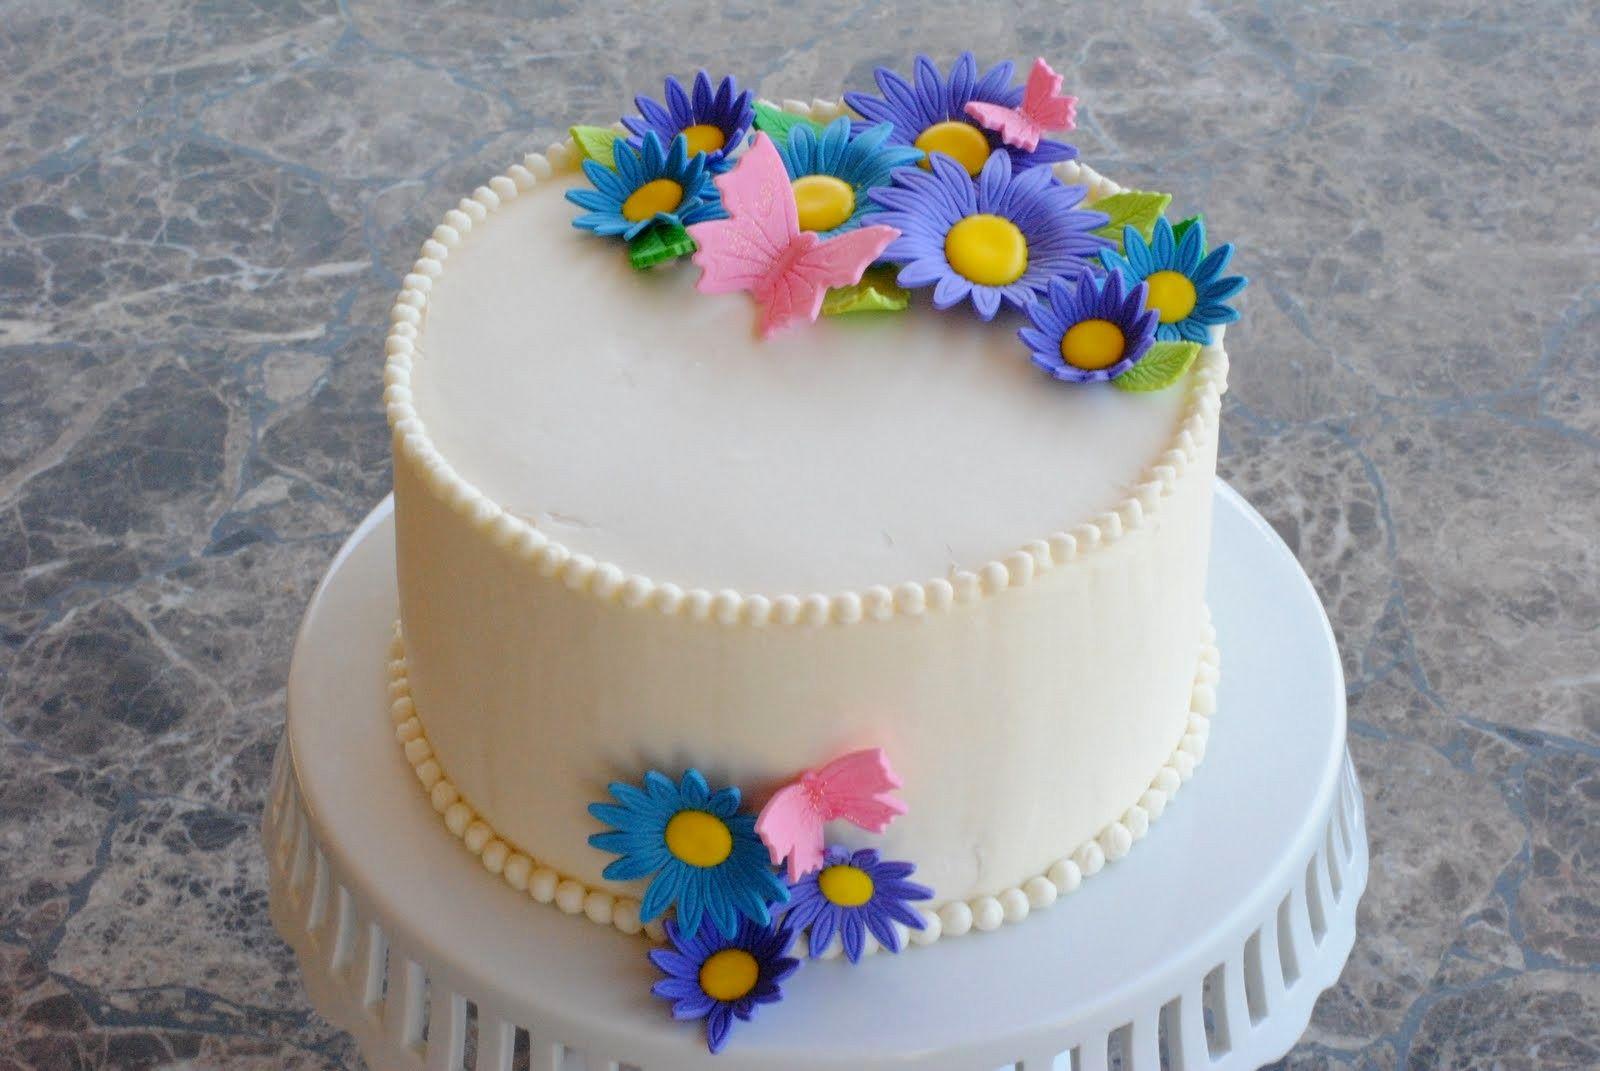 Miraculous 10 Easy Girls Birthday Party Cakes Photo Easy Girls Birthday Personalised Birthday Cards Epsylily Jamesorg